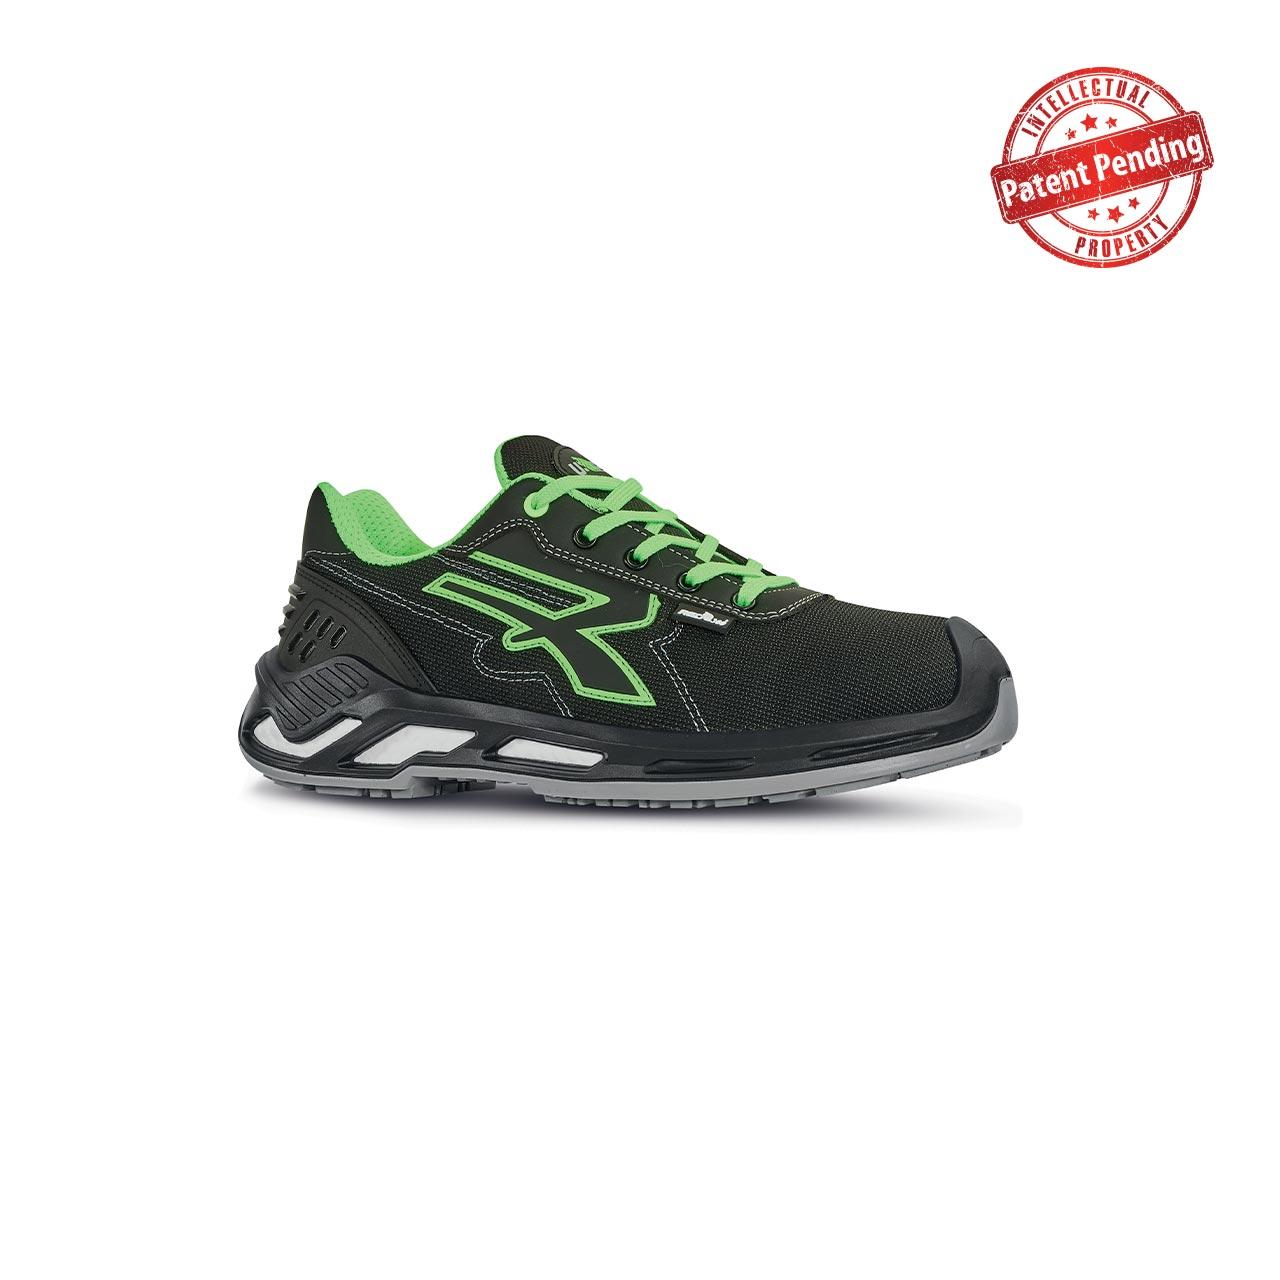 scarpa antinfortunistica upower modello milo linea red360 vista laterale